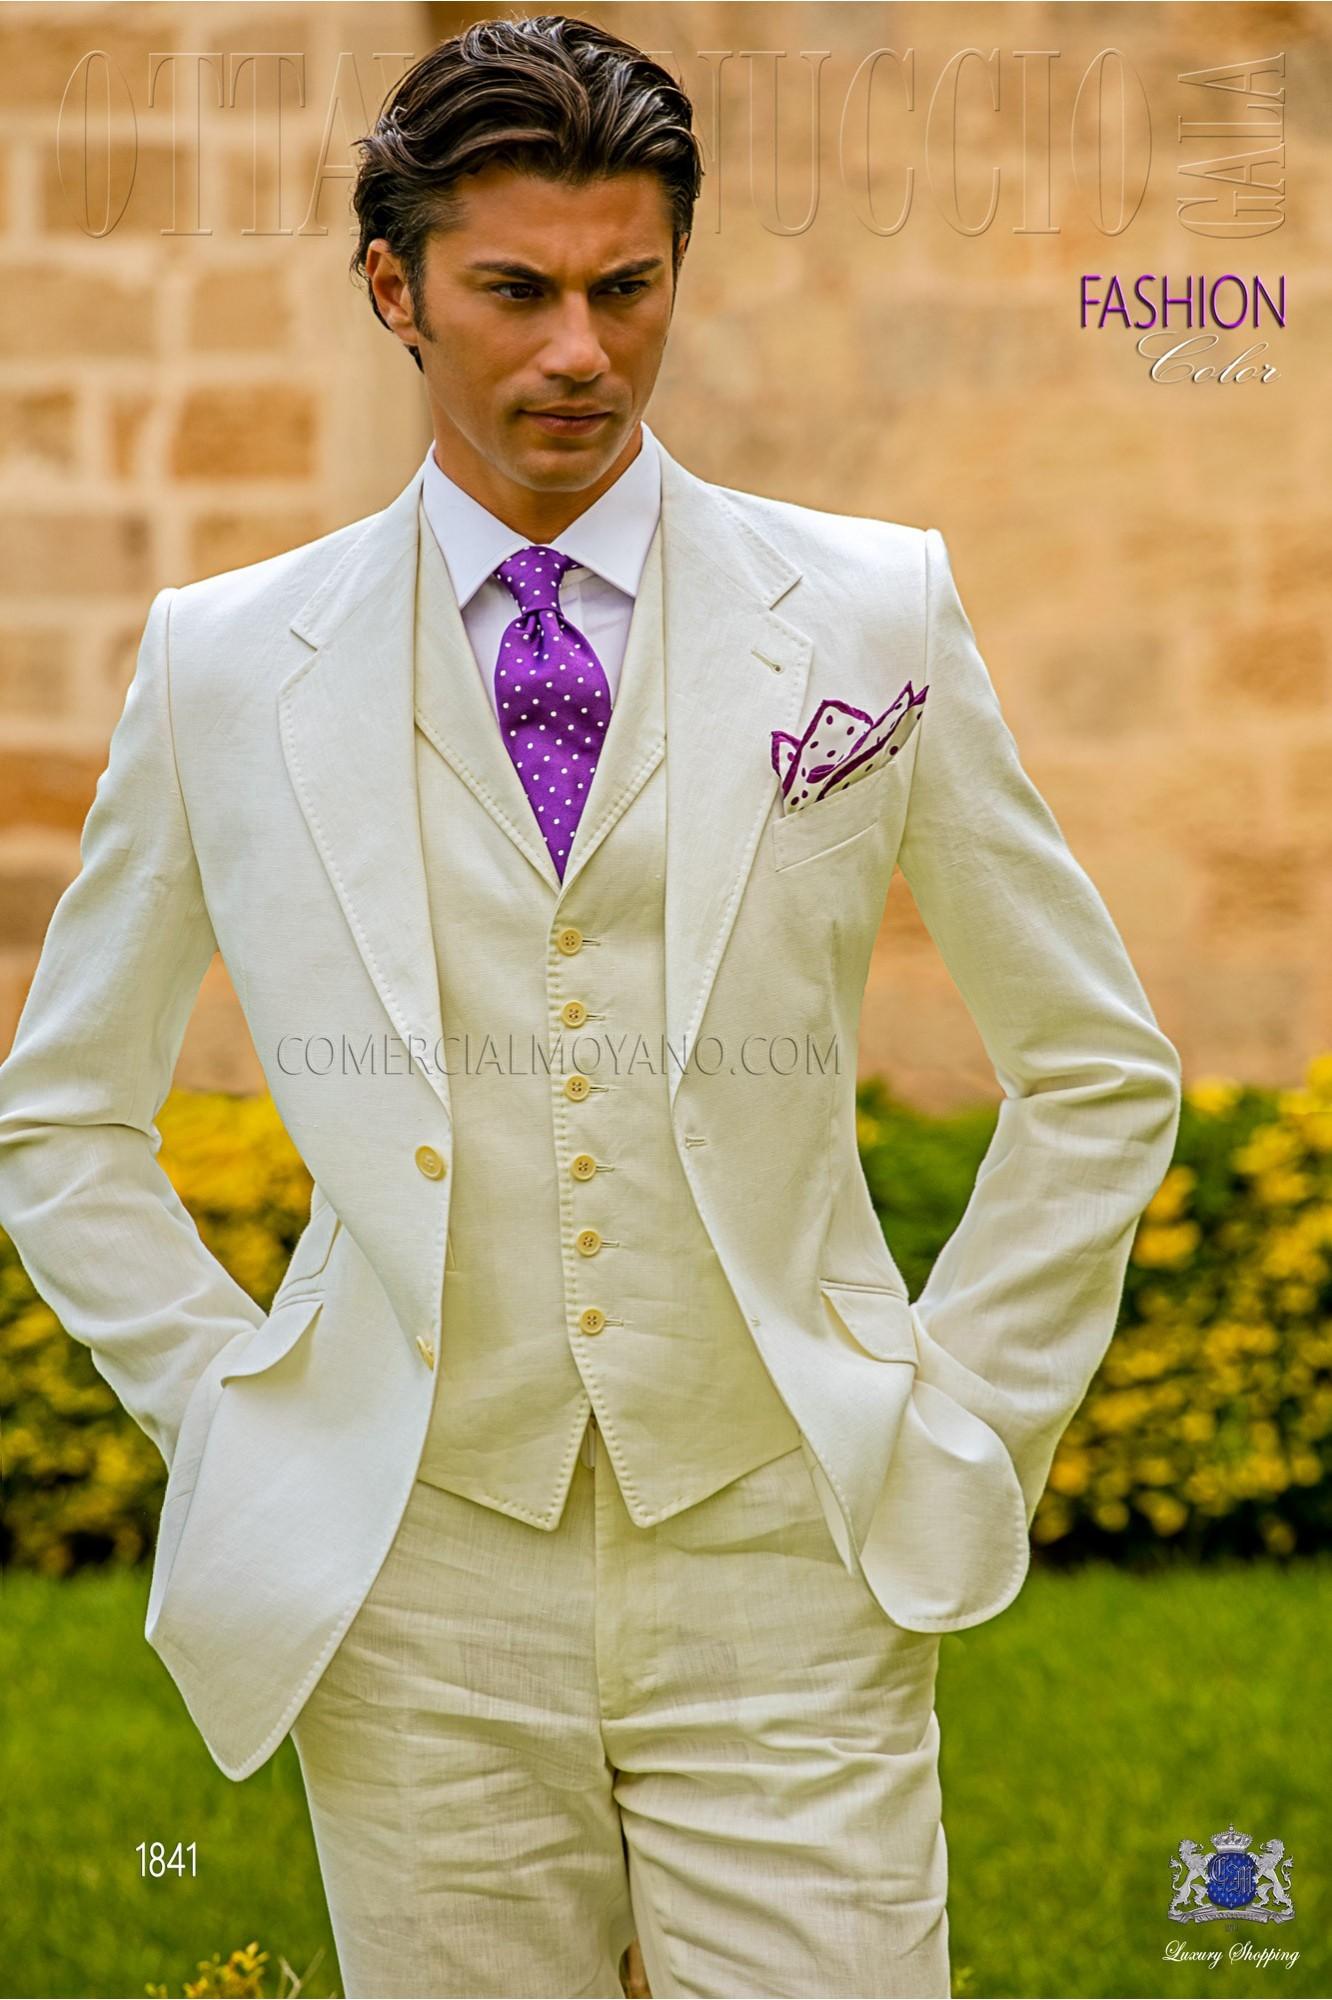 Traje italiano a medida blanco de lino con pespunte